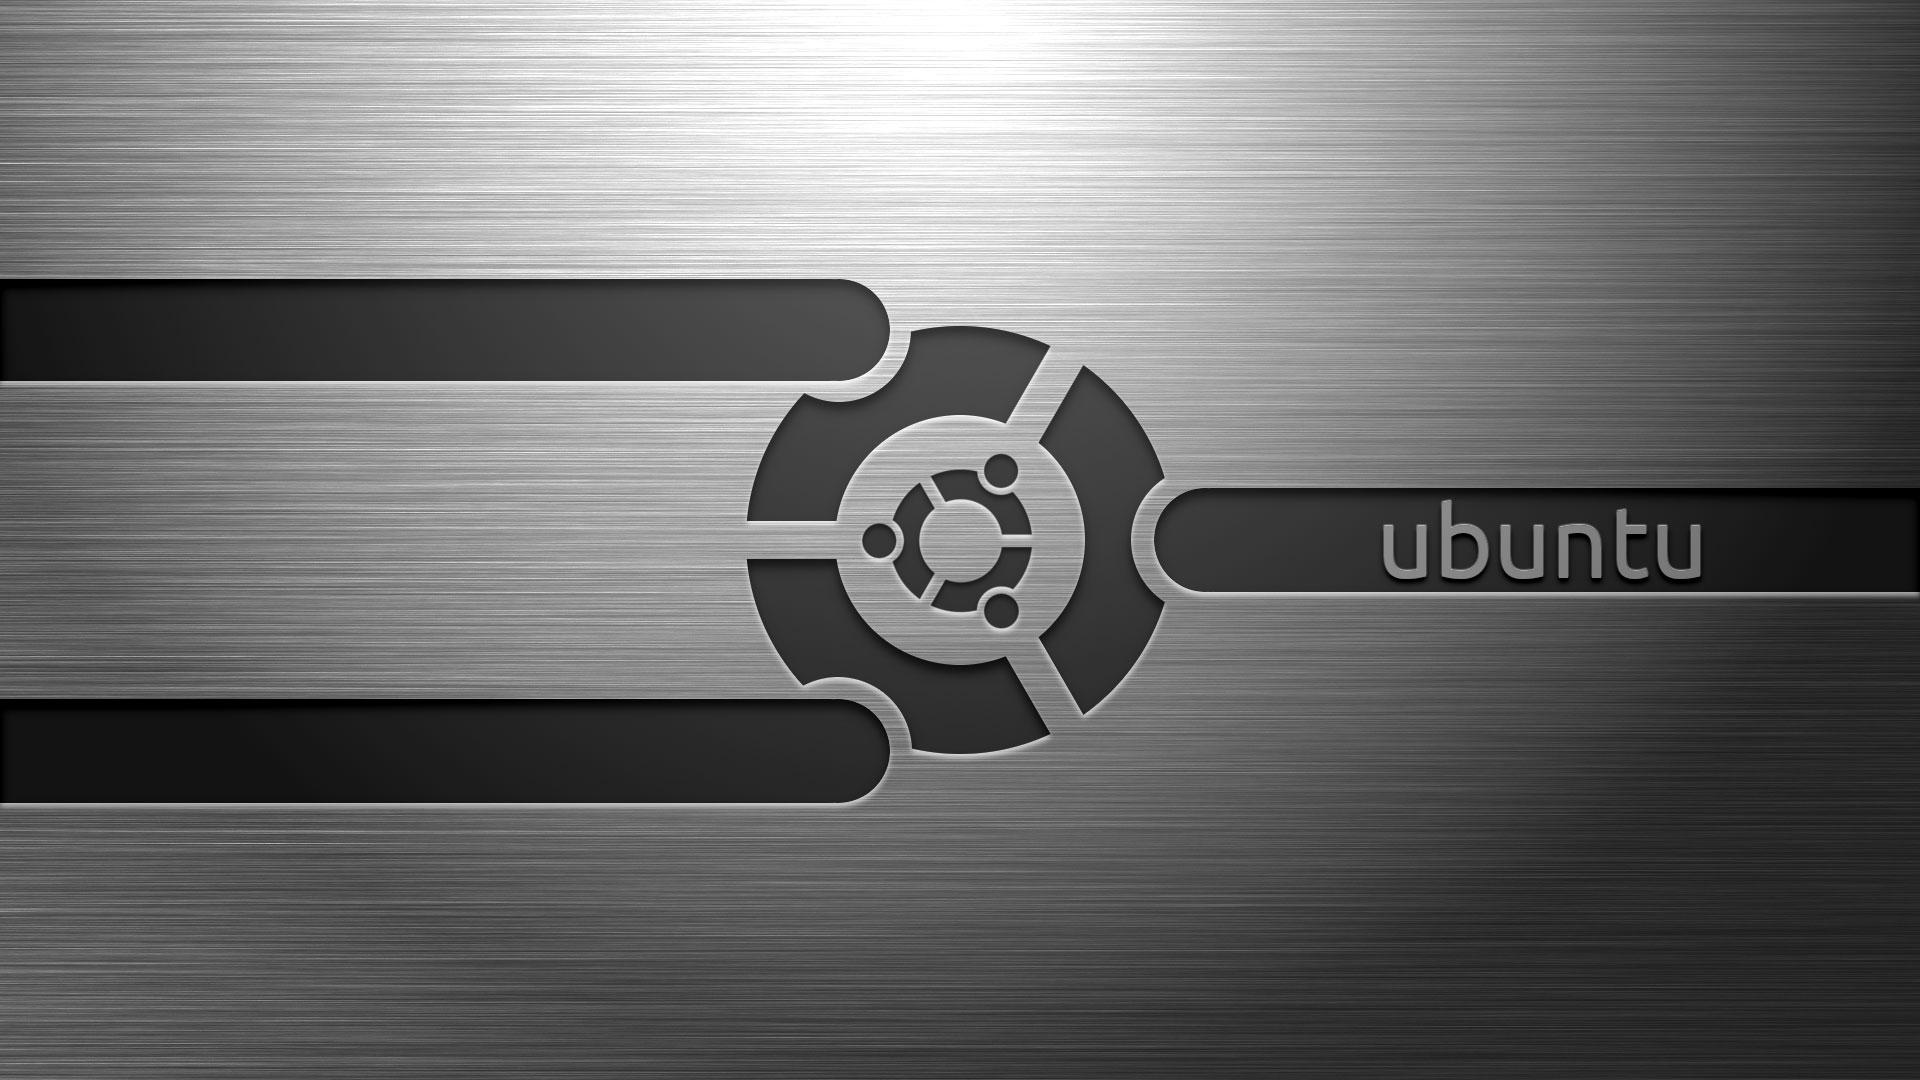 Убунту обои для рабочего стола, metal UBUNTU wallpaper